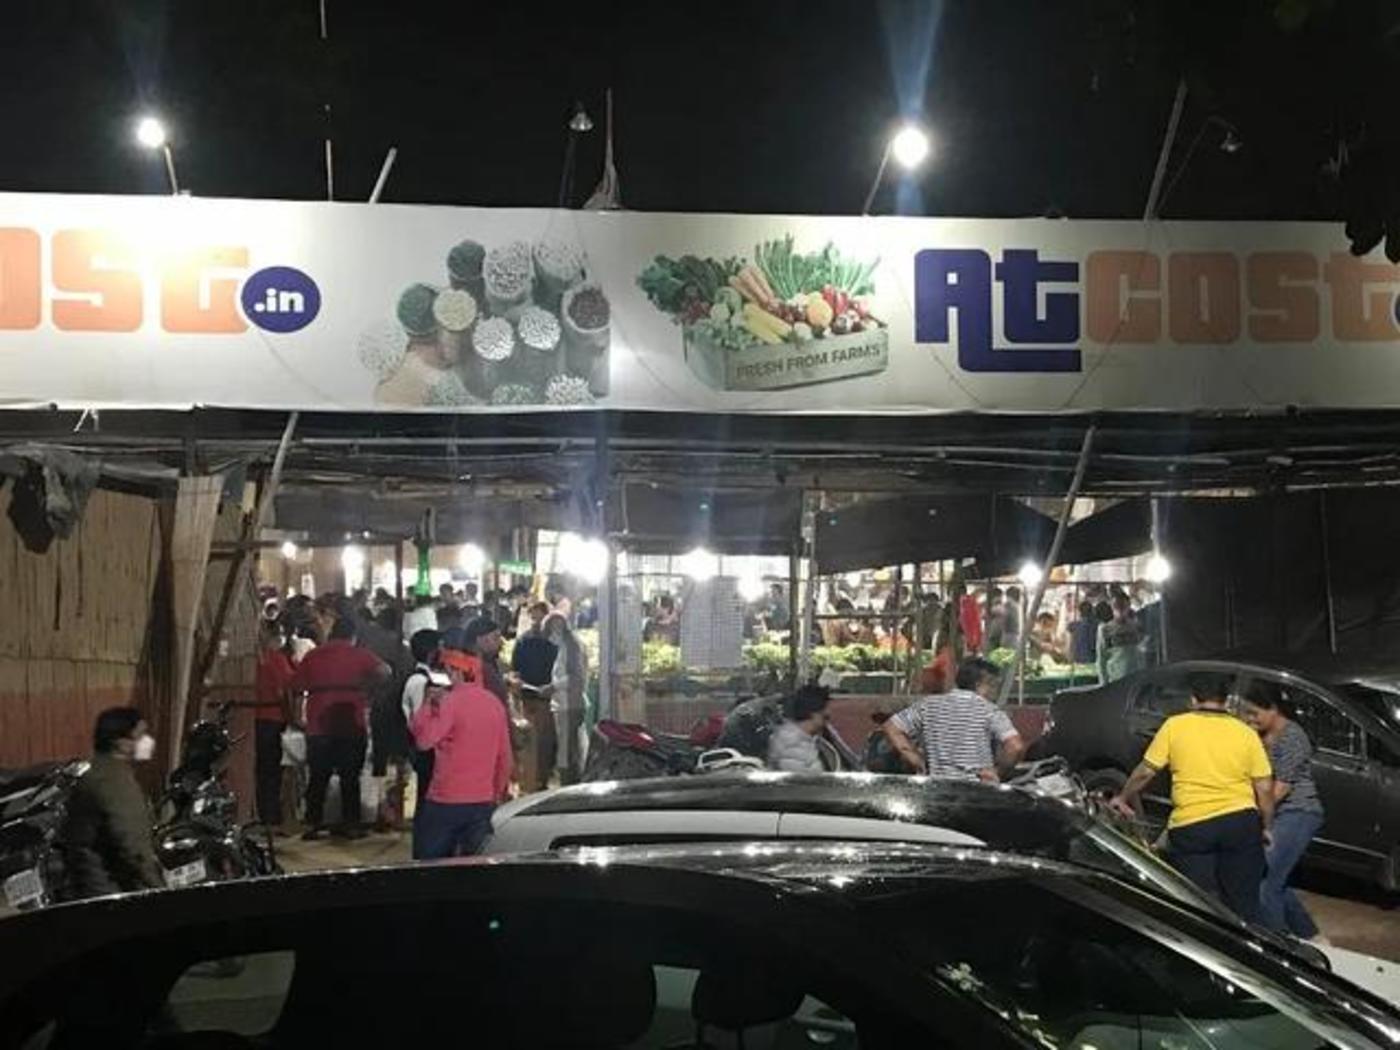 古尔冈地区的一家超市,余磊拍摄于3月24日8点55分